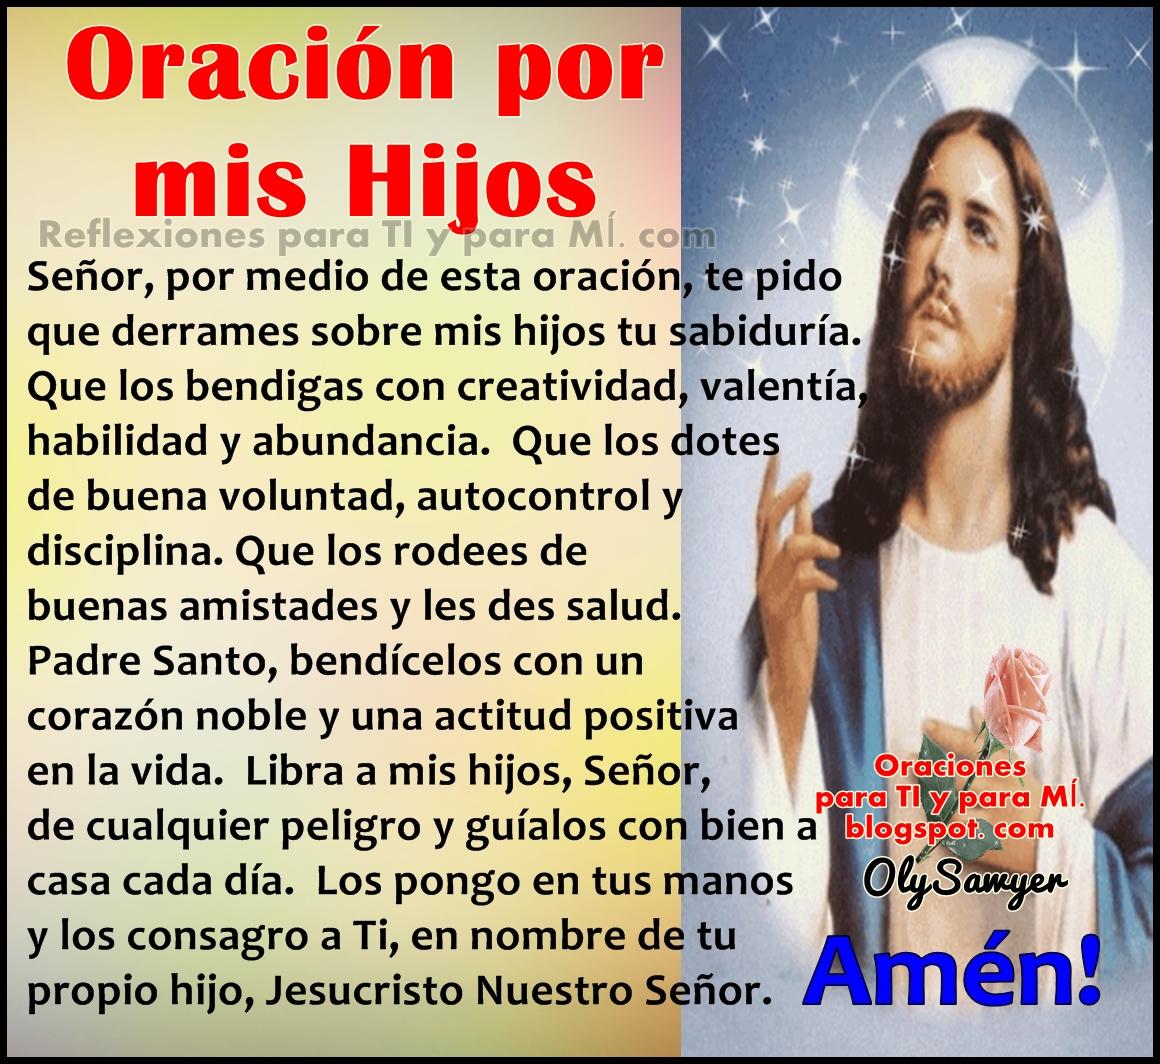 Oraciones para ti y para m oraci n por mis hijos for En tus manos senor